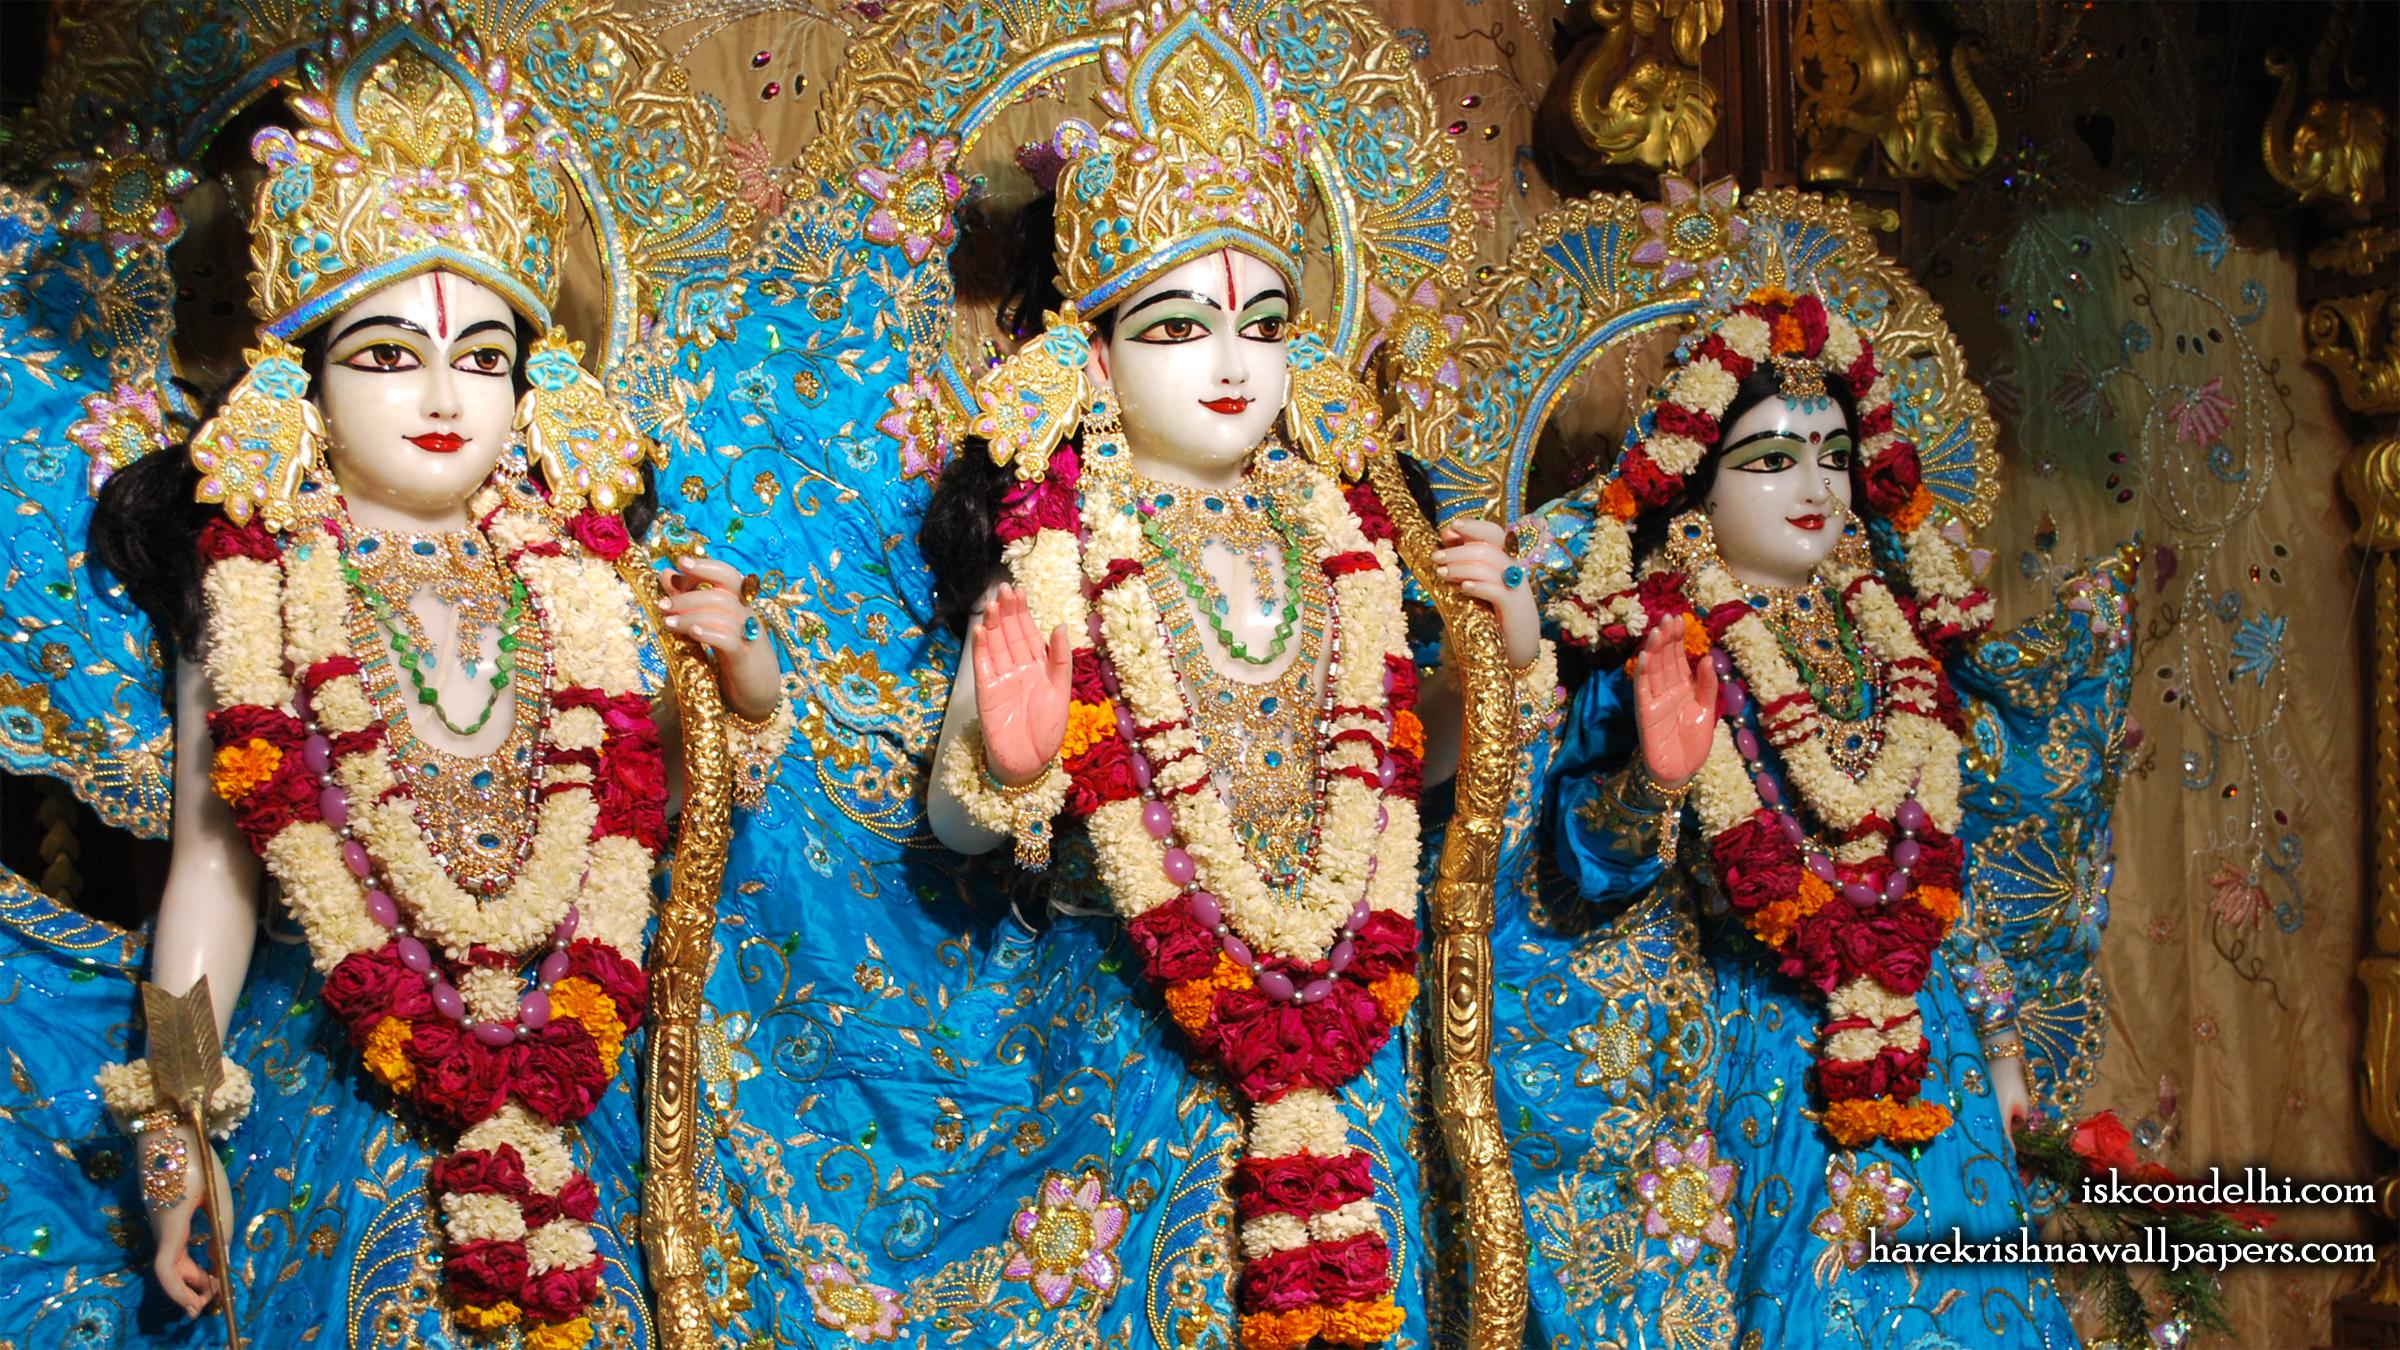 Sri Sri Sita Rama Laxman Wallpaper (009) Size 2400x1350 Download